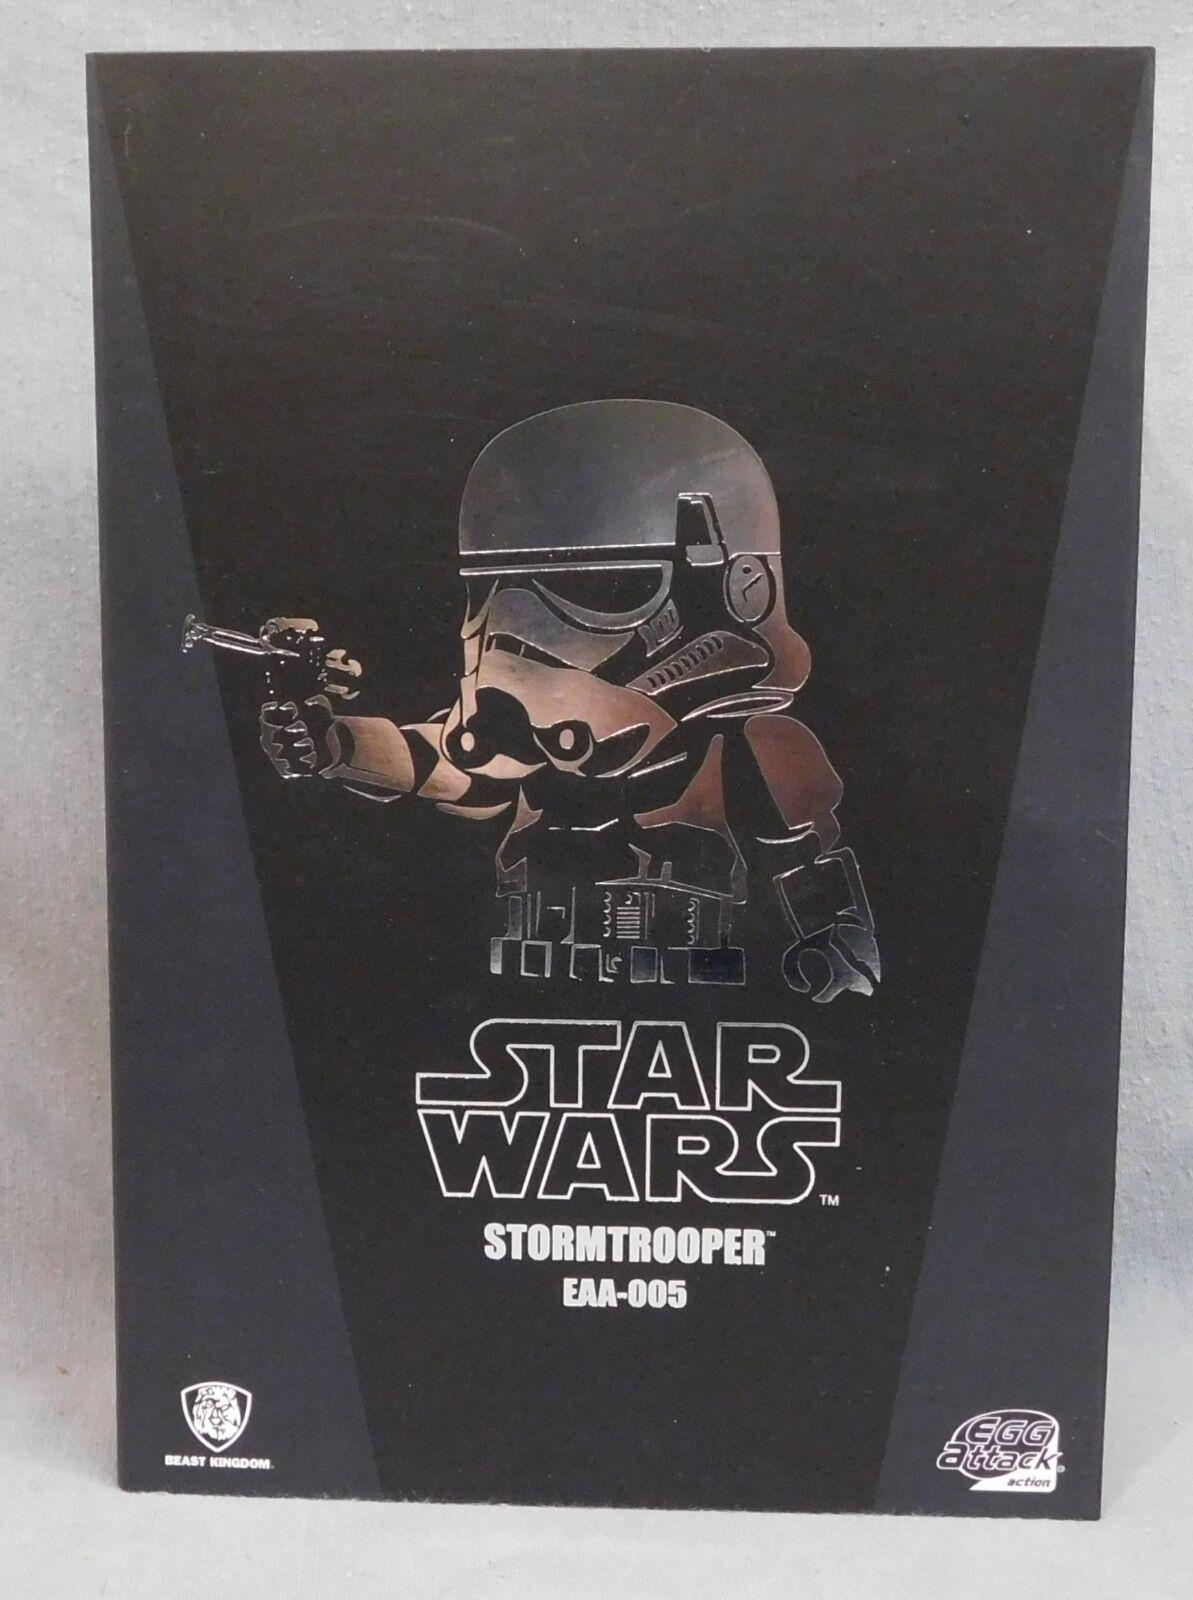 autorización oficial Estrella Wars De Stormtrooper Huevo De Ataque Figura De De De Acción-Bestia Reino  ¡envío gratis!